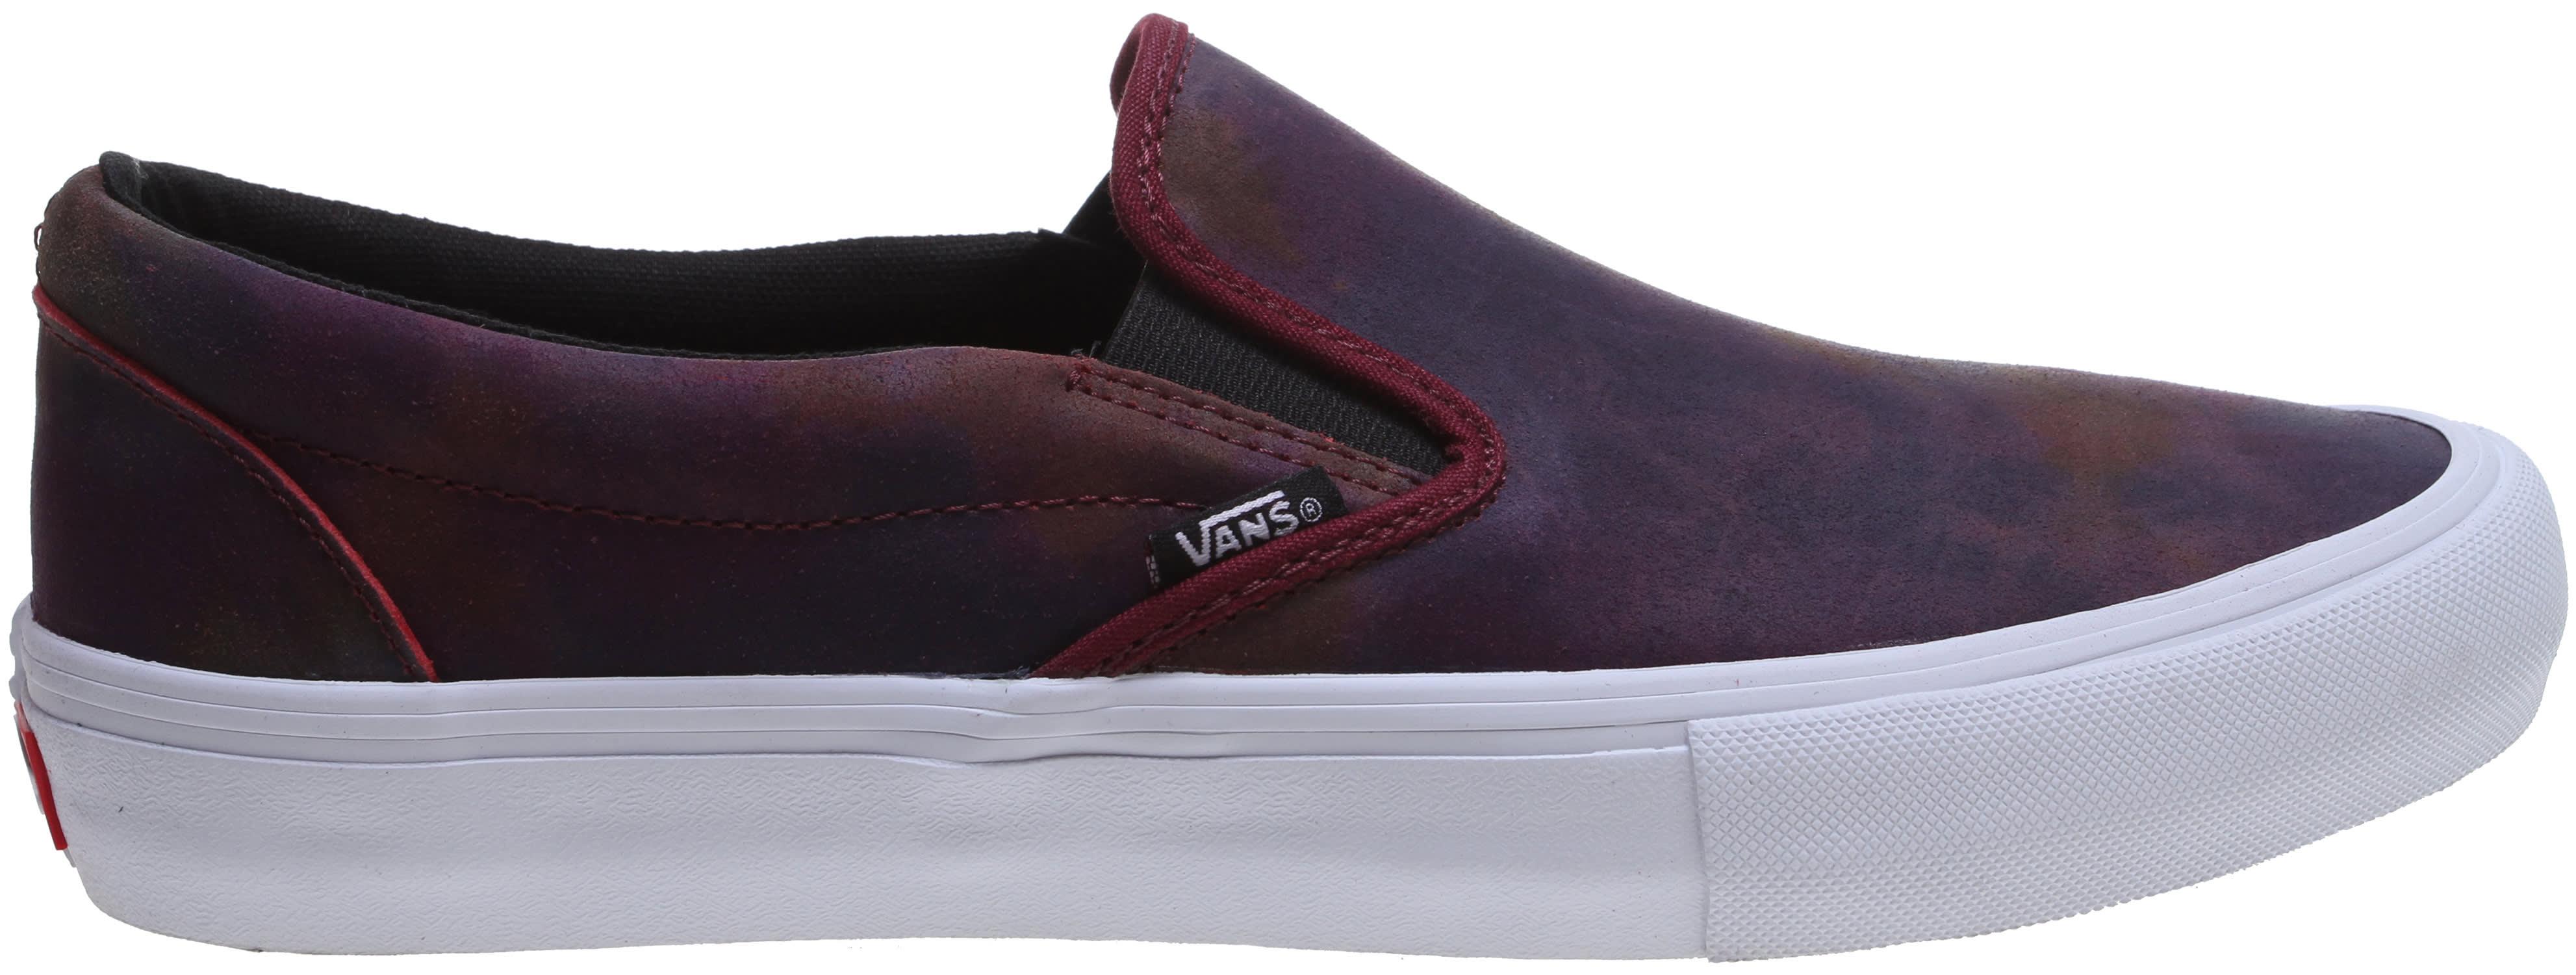 Vans Slip-On Pro Shoes - thumbnail 1